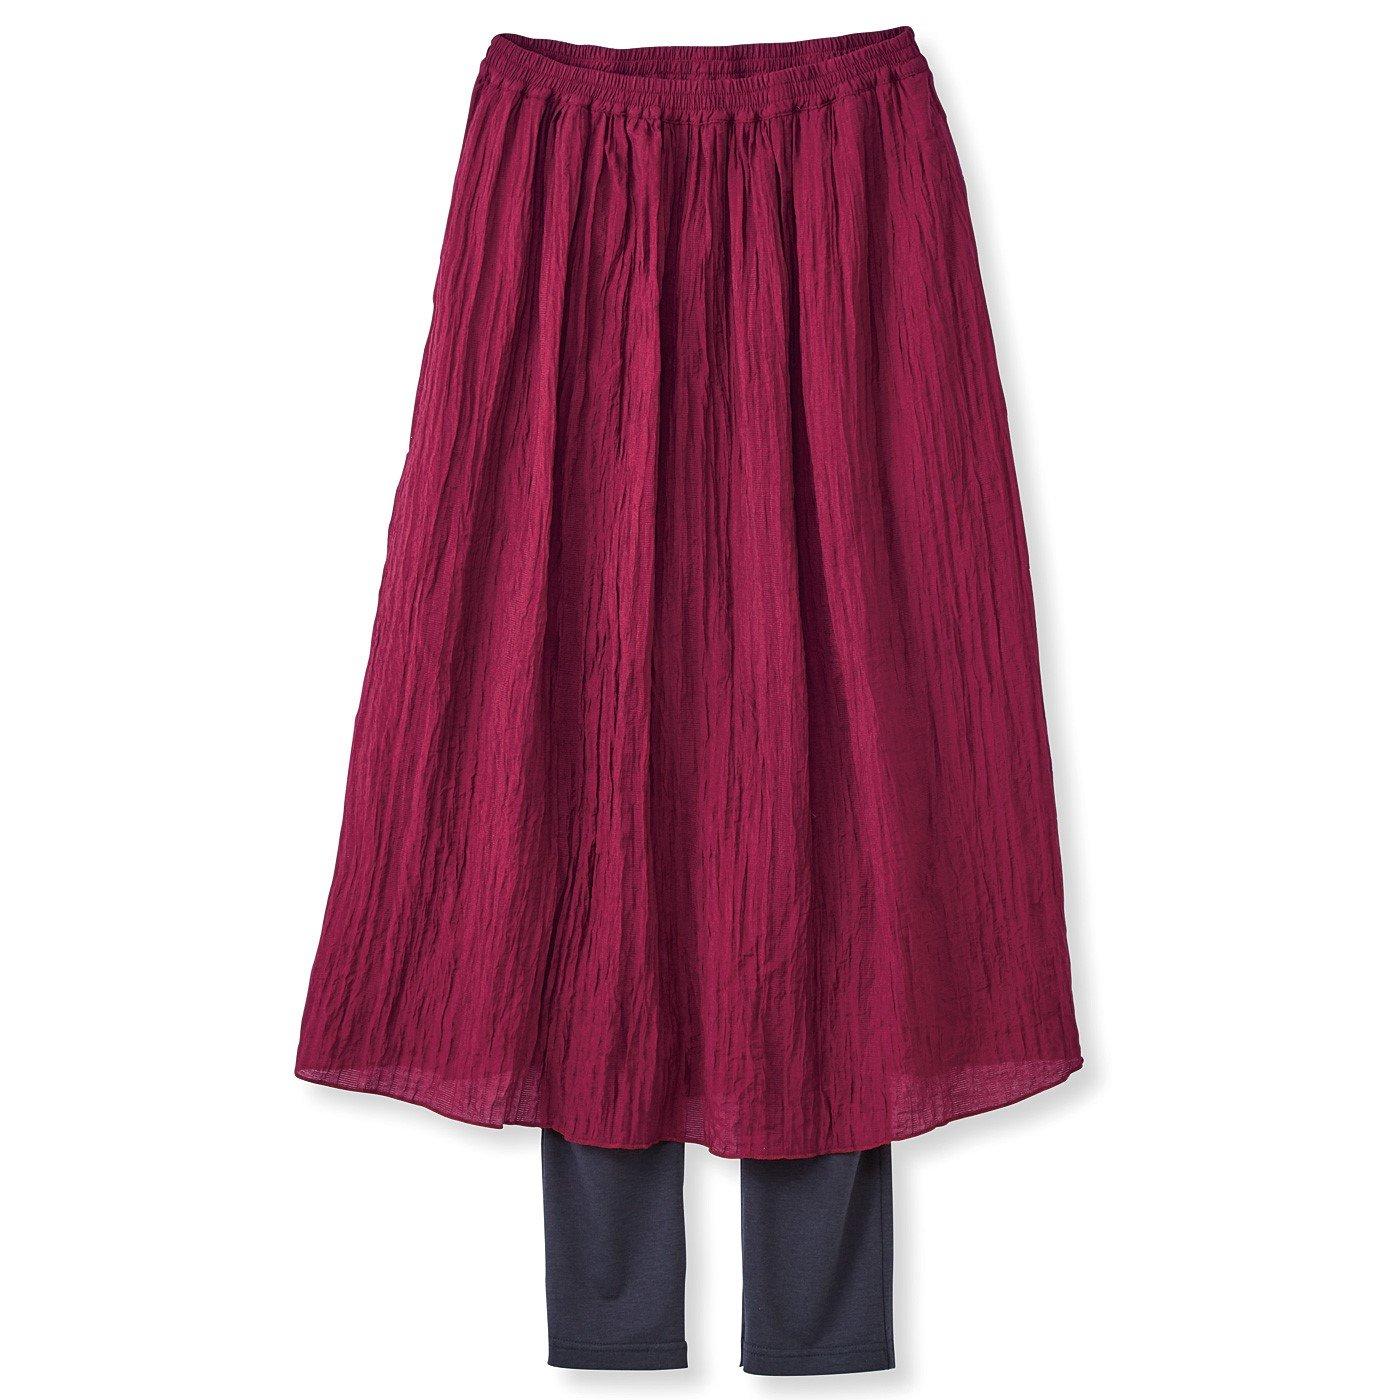 フラウグラット レギンス付きですっきりきれい♪ 楊柳軽やかスカートの会